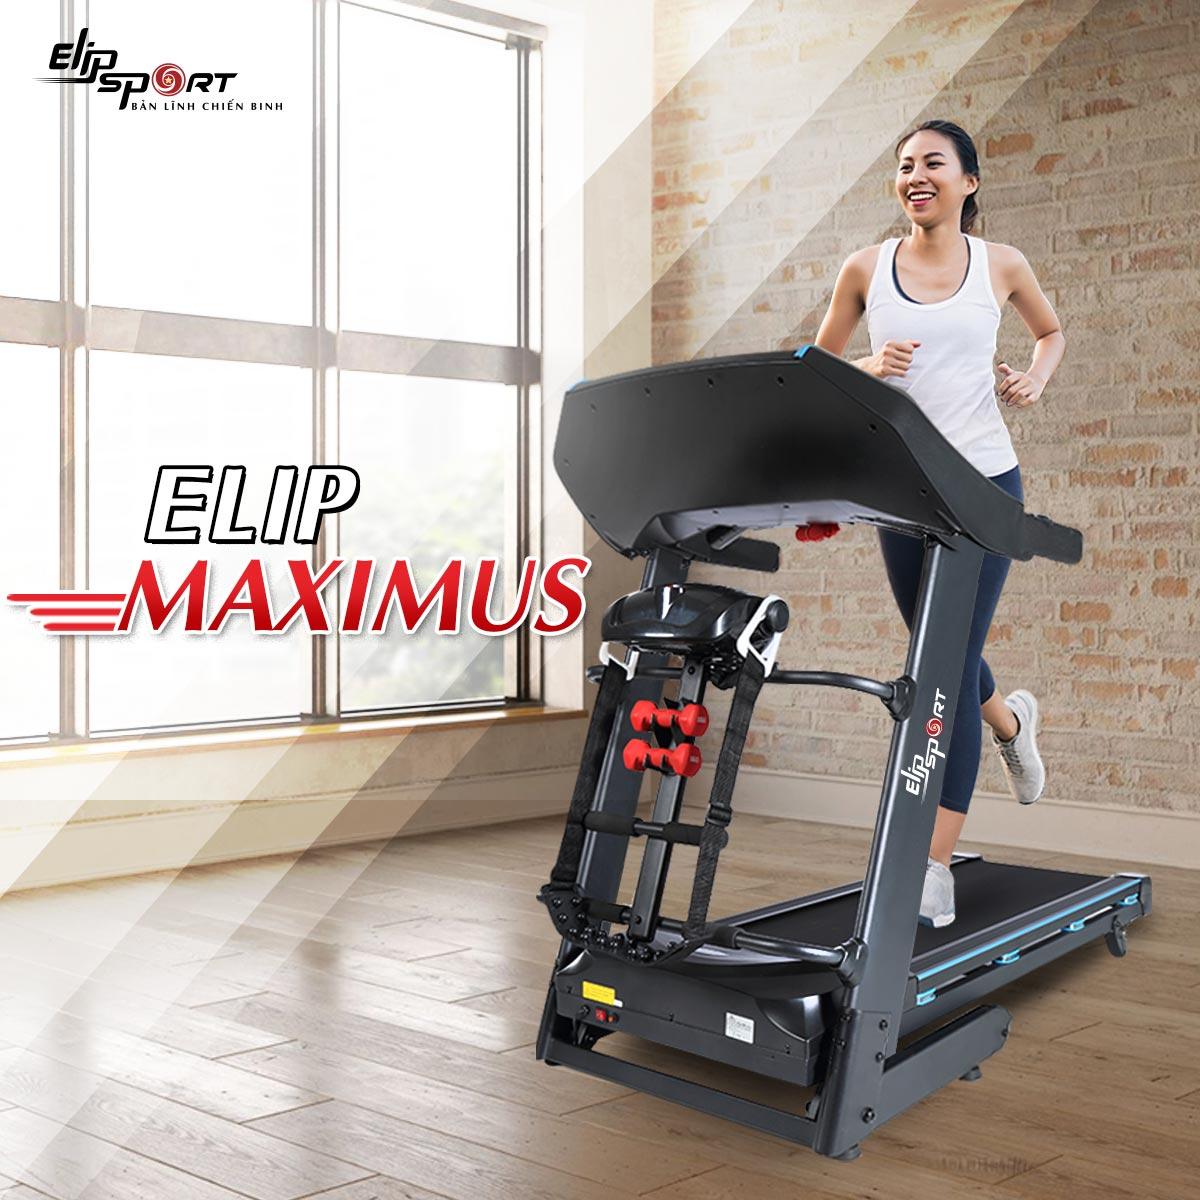 Máy chạy bộ điện đa năng ELIP Maximus